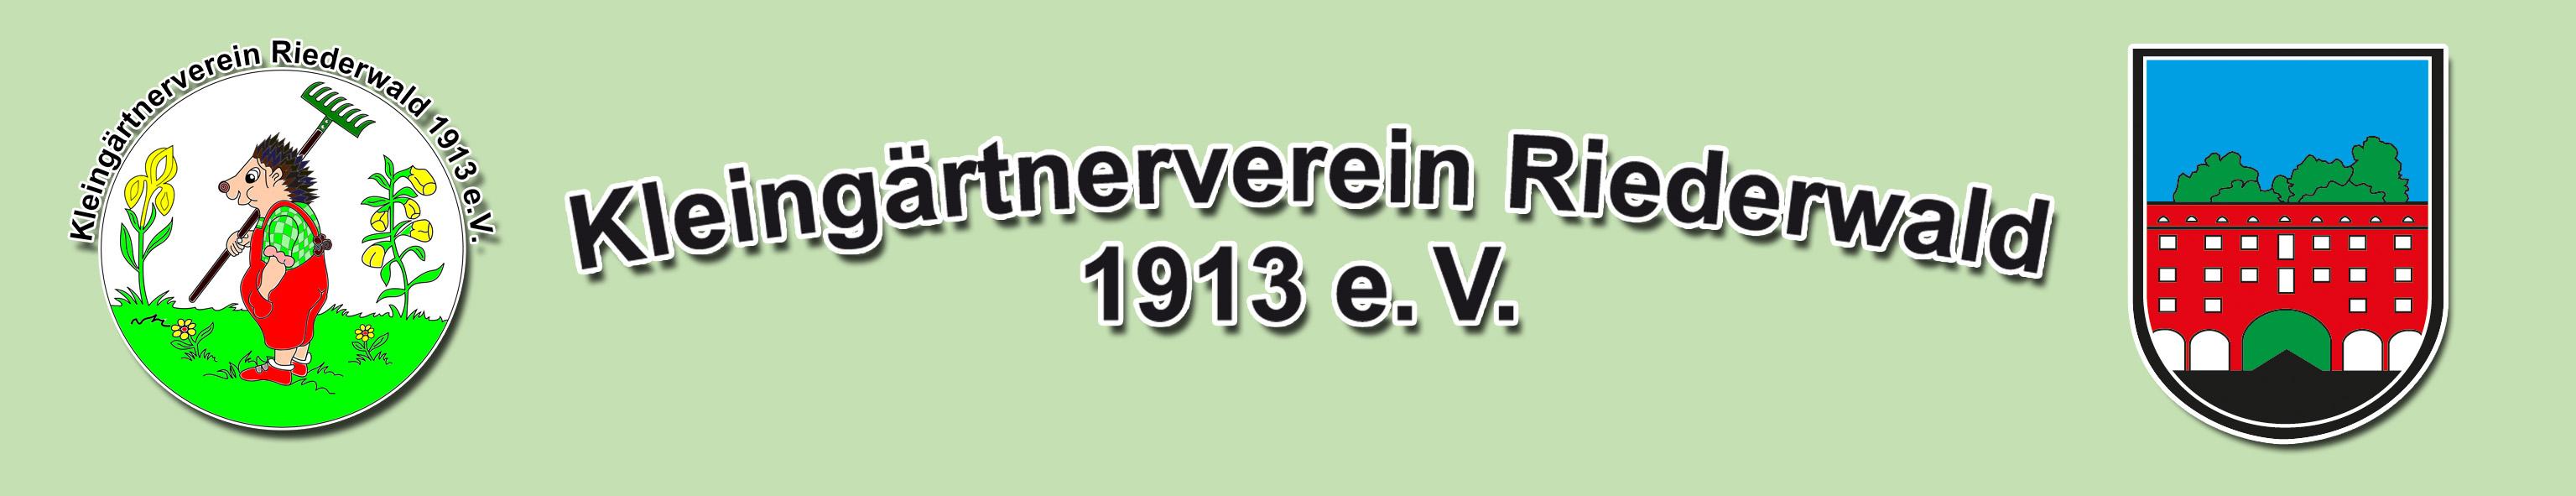 Kleingärtnerverein Riederwald 1913 e.V. Logo